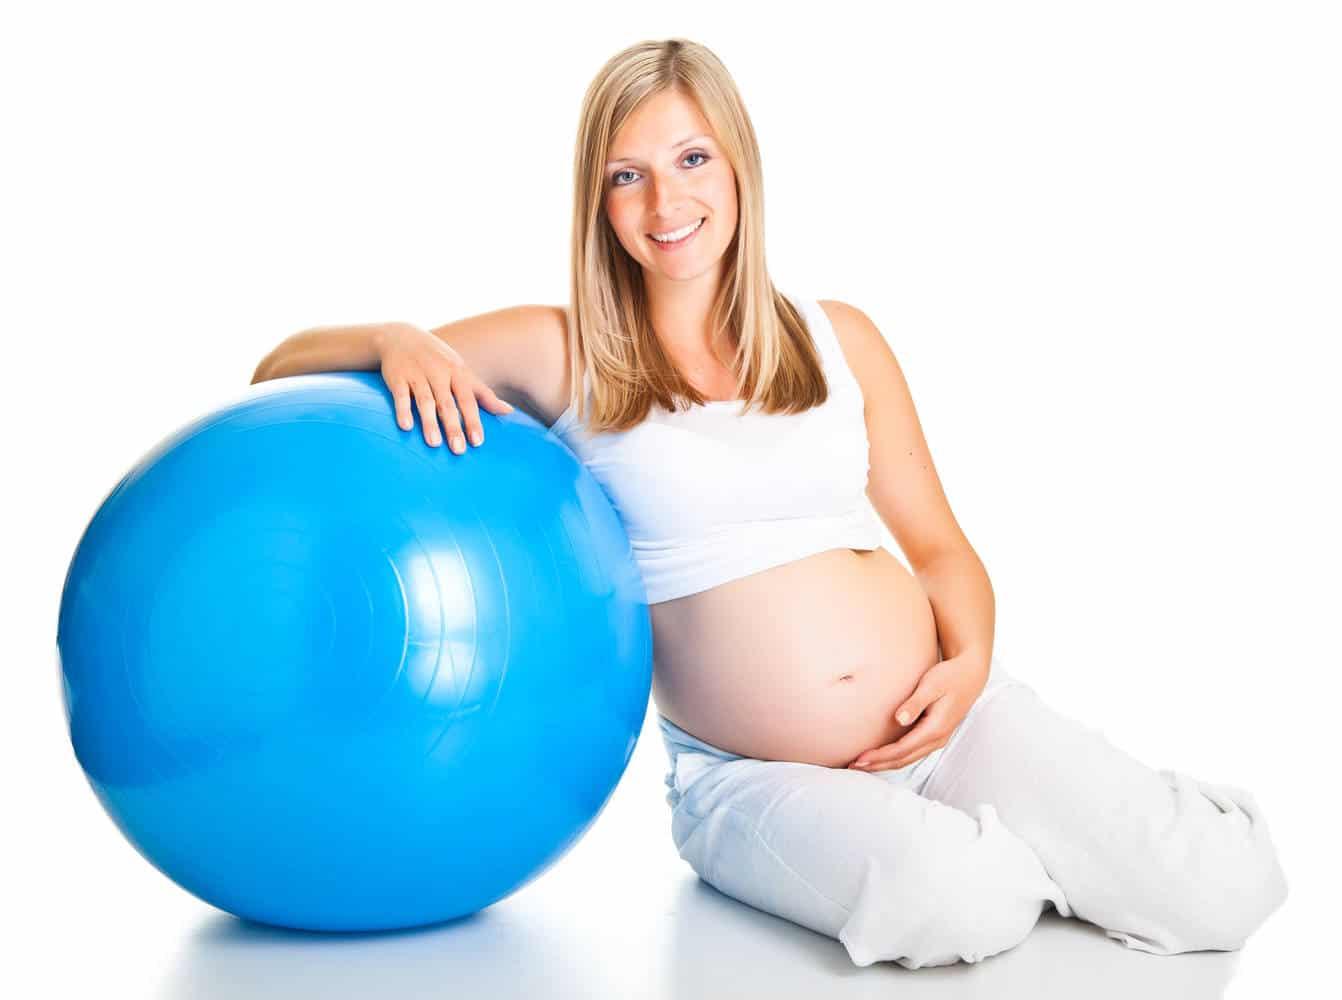 Как сделать тренировки во время беременности безопасными